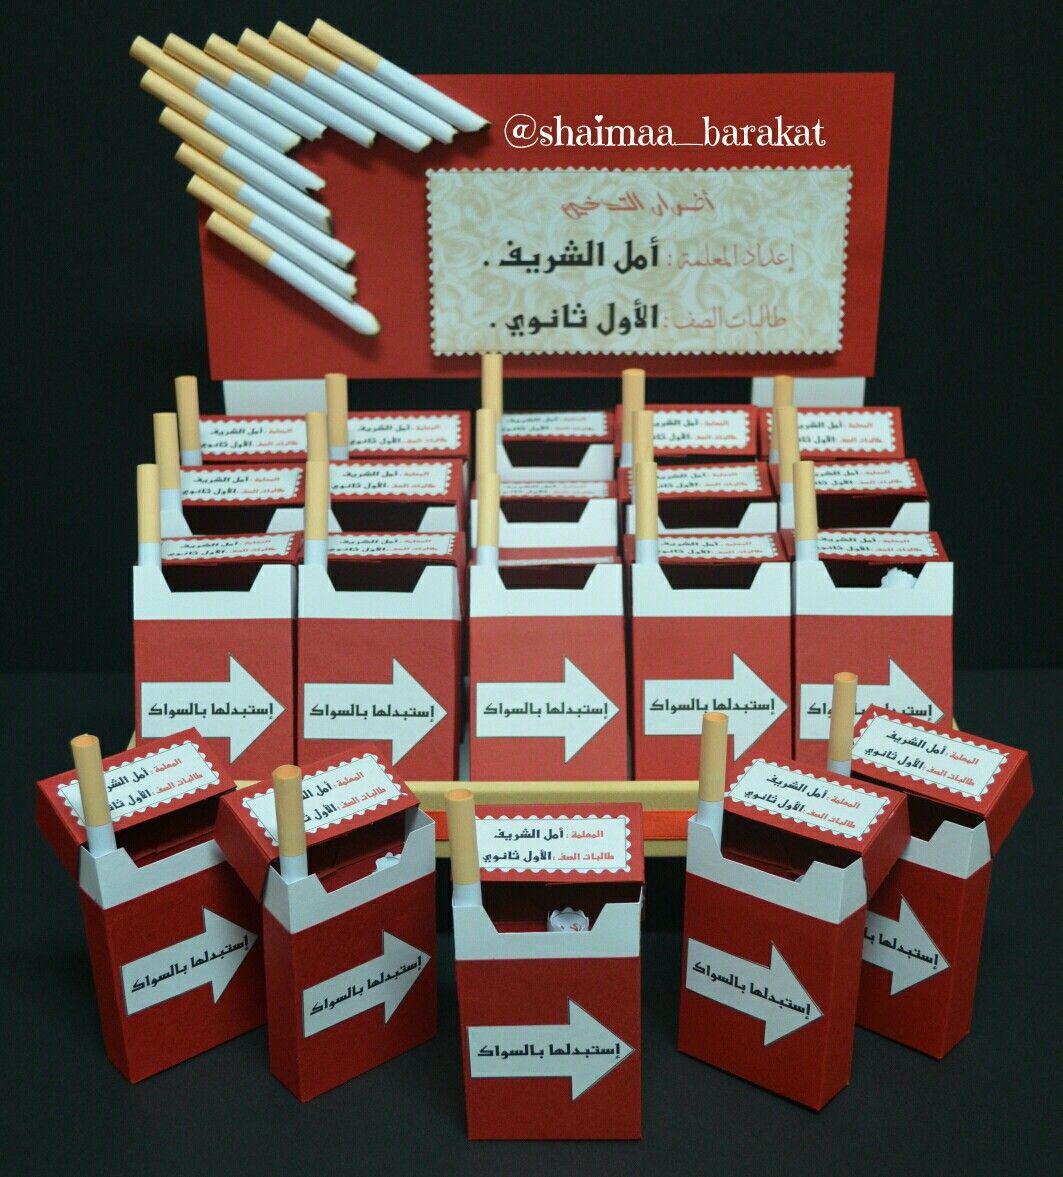 Pin By Shaimaa Barakat On التدخين والمخدرات Baby Cards Crafts Cards